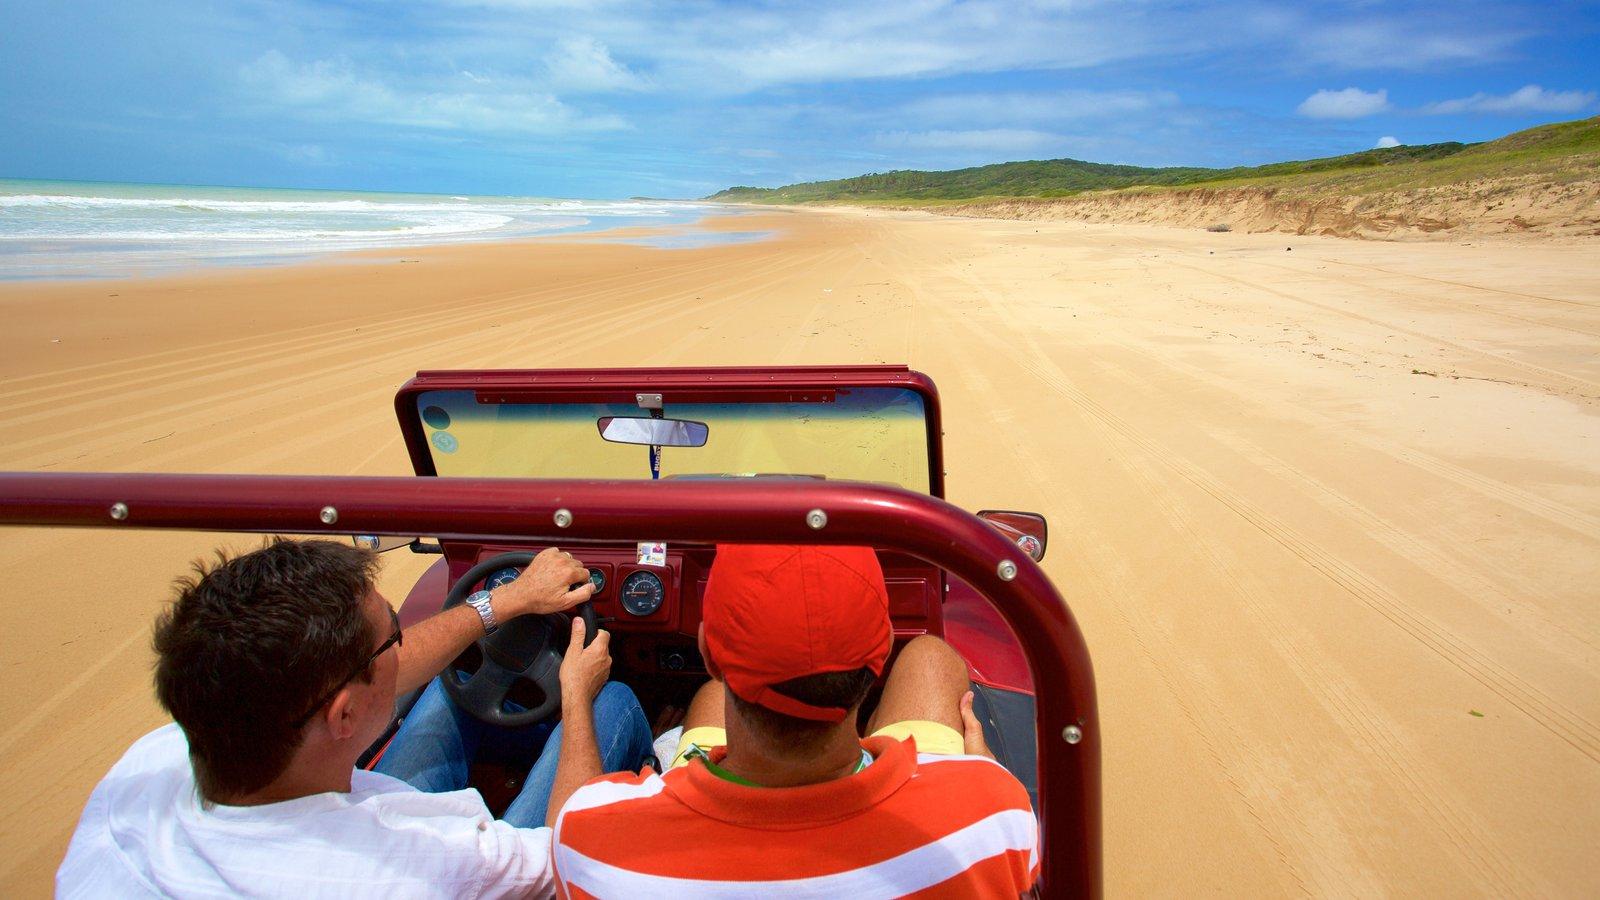 Natal que inclui paisagens litorâneas, uma praia de areia e off-road